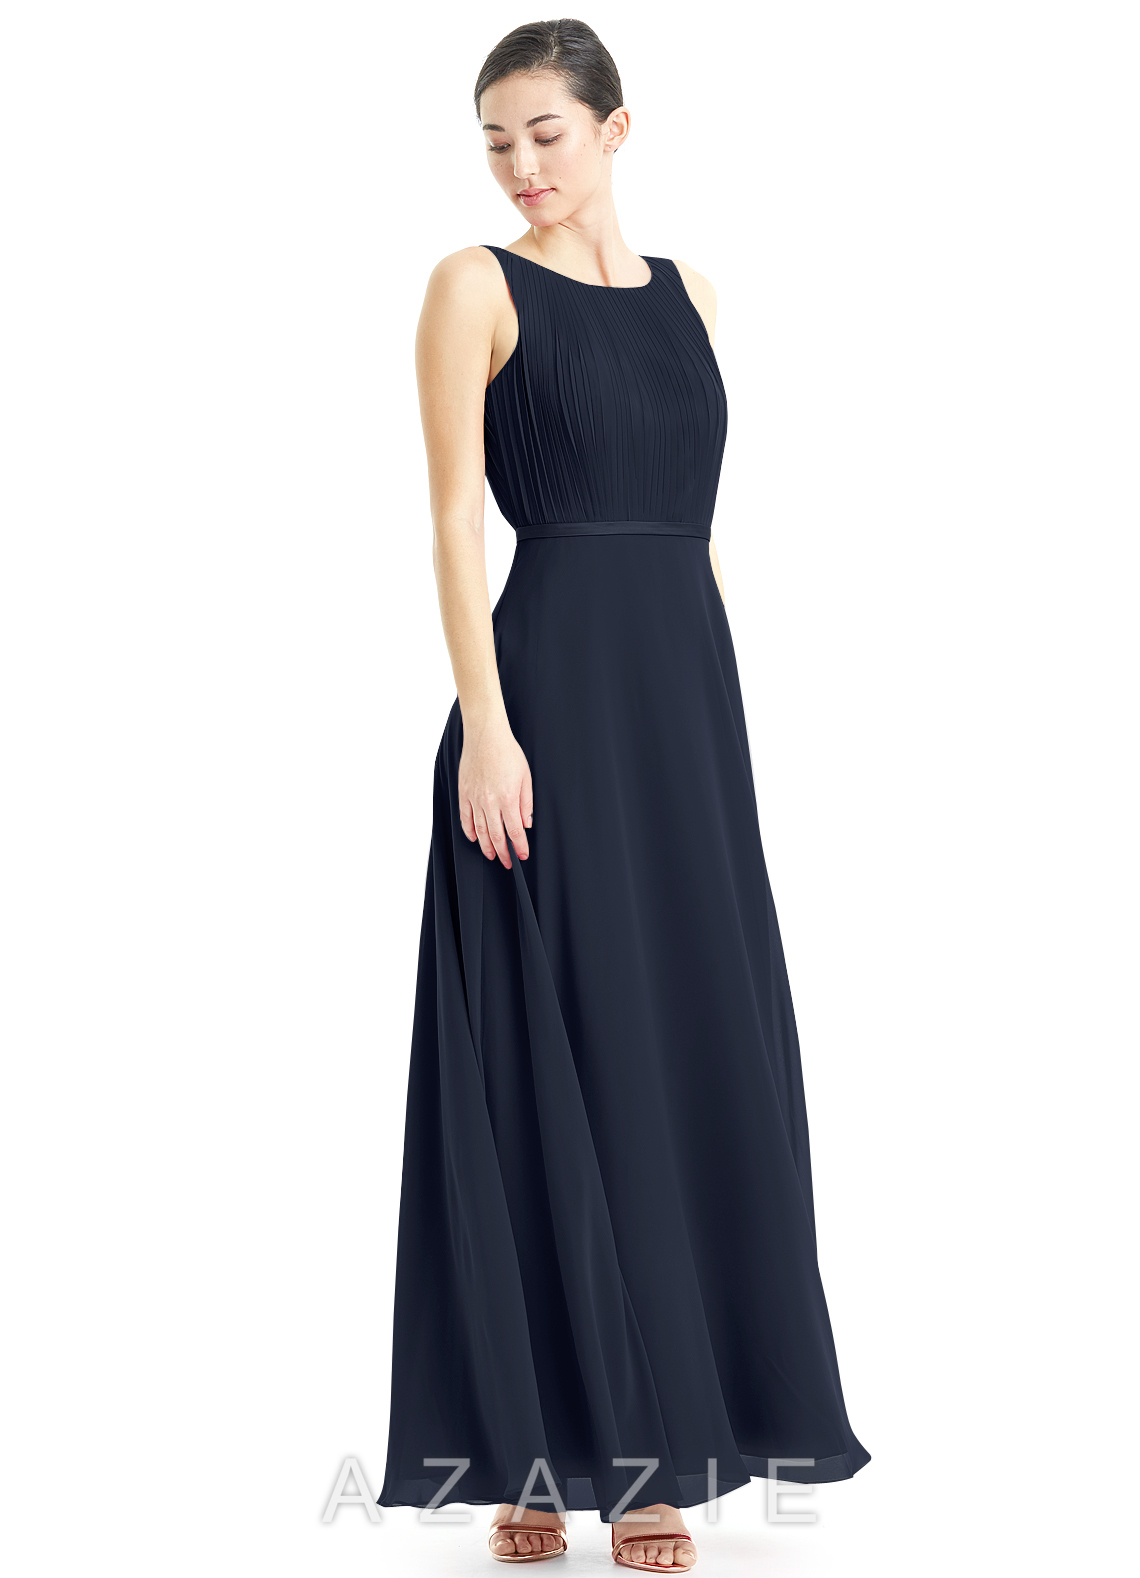 9356a490155 Azazie Avery Bridesmaid Dresses